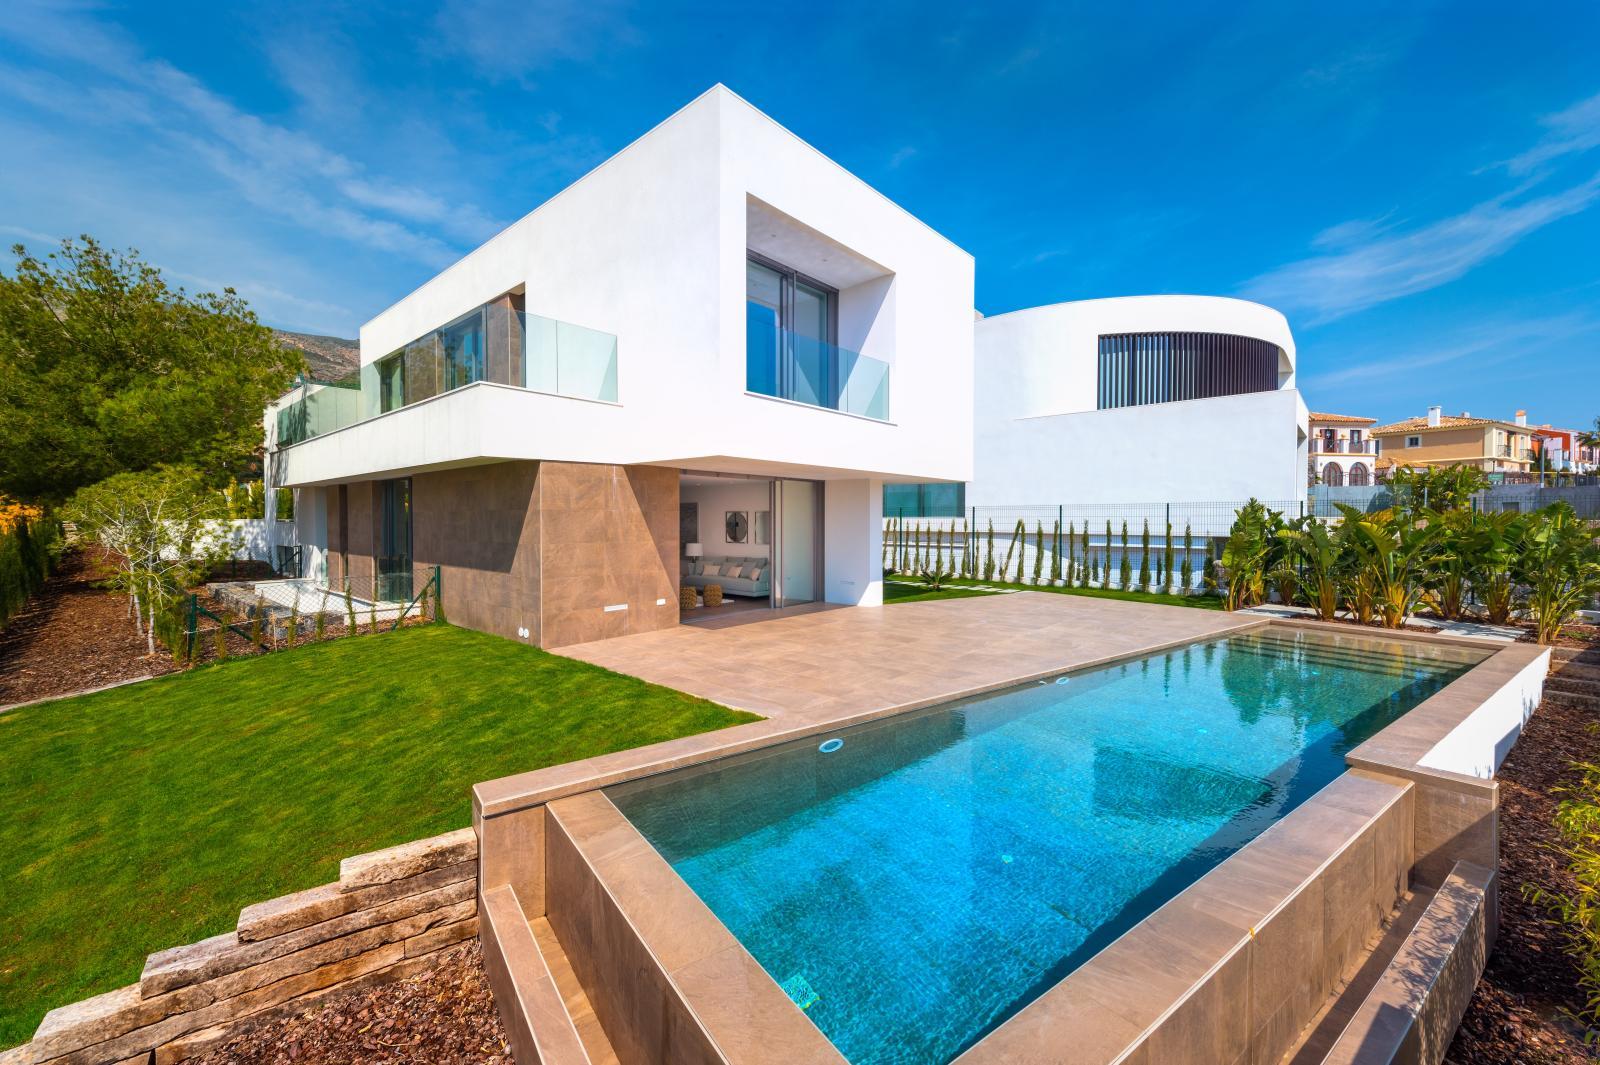 2. Brand new villa in Finestrat Alicante - Fantastic Brand New Villa in Finestrat, Alicante